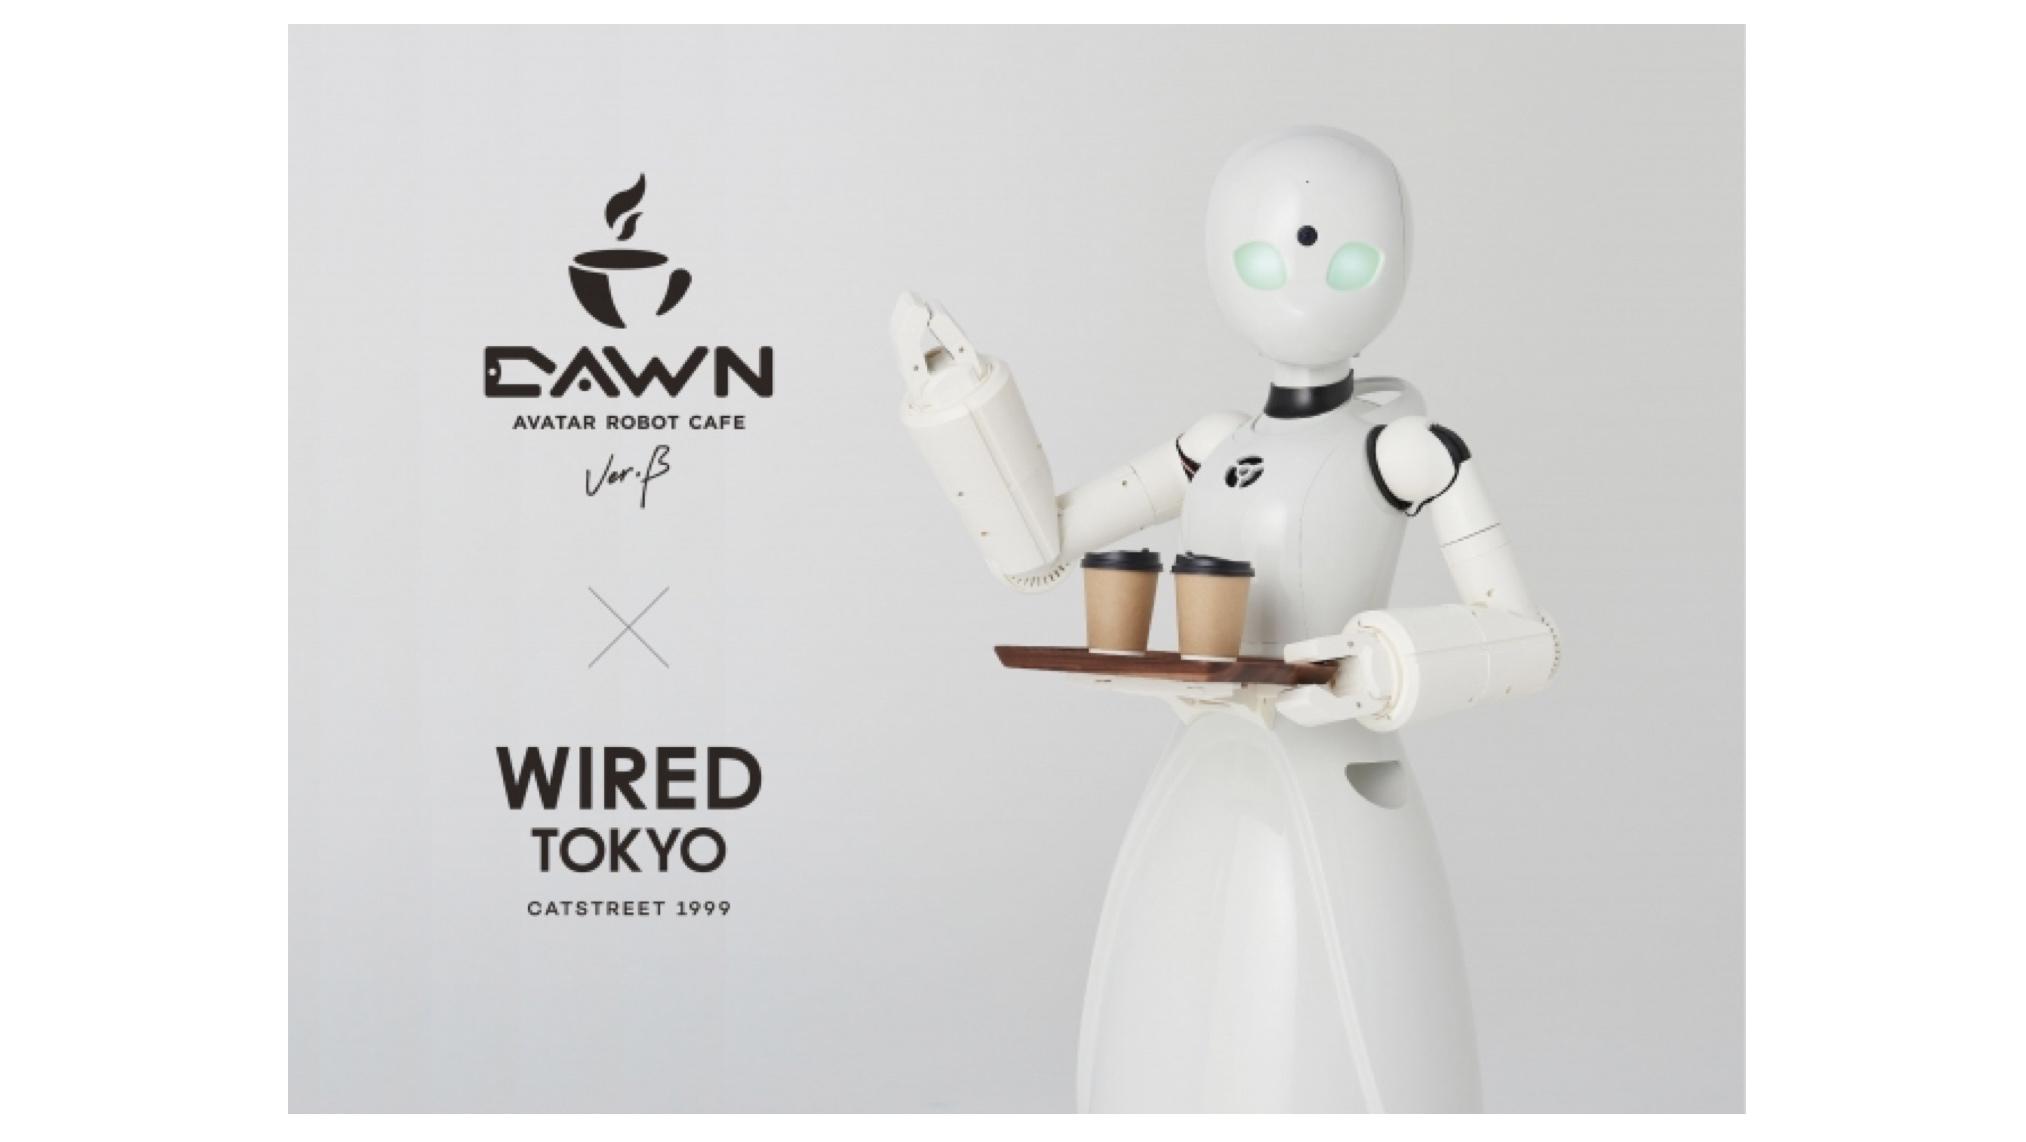 オリィ研究所×カフェ・カンパニー | 「分身ロボットカフェDAWN Ver.β」を渋谷のカフェで実施